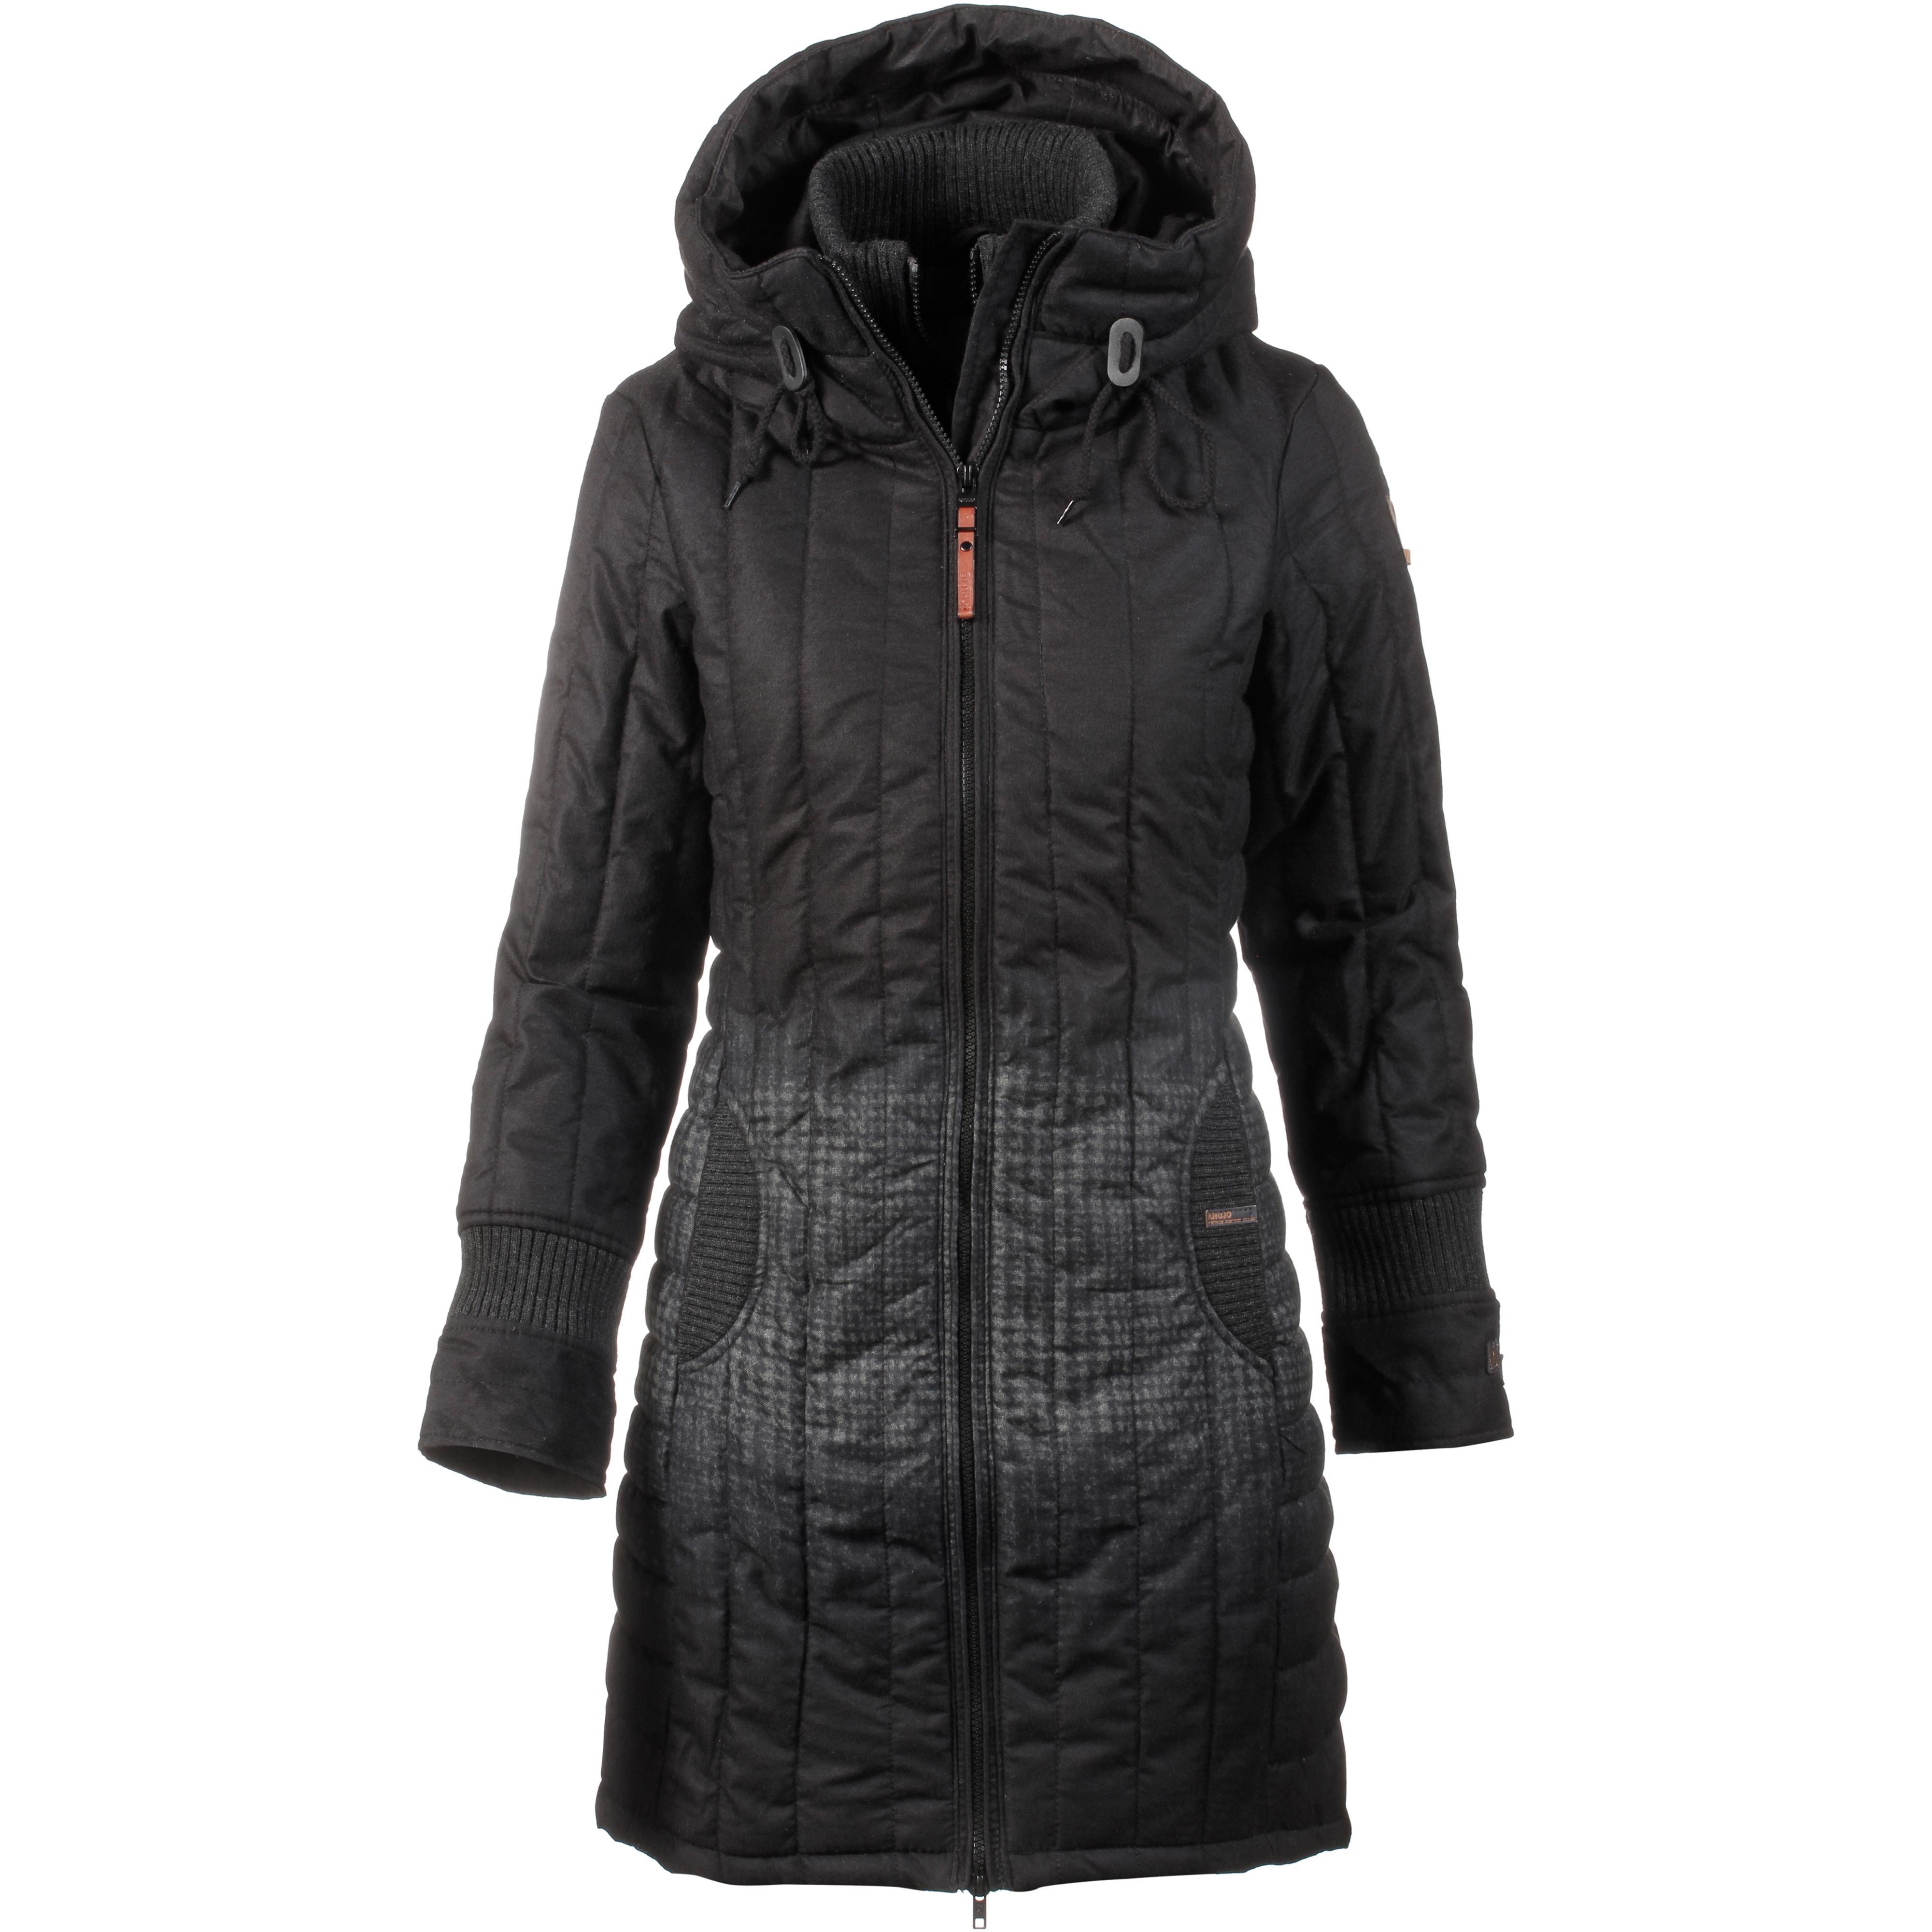 Damen Mäntel online günstig kaufen über shop24.at | shop24